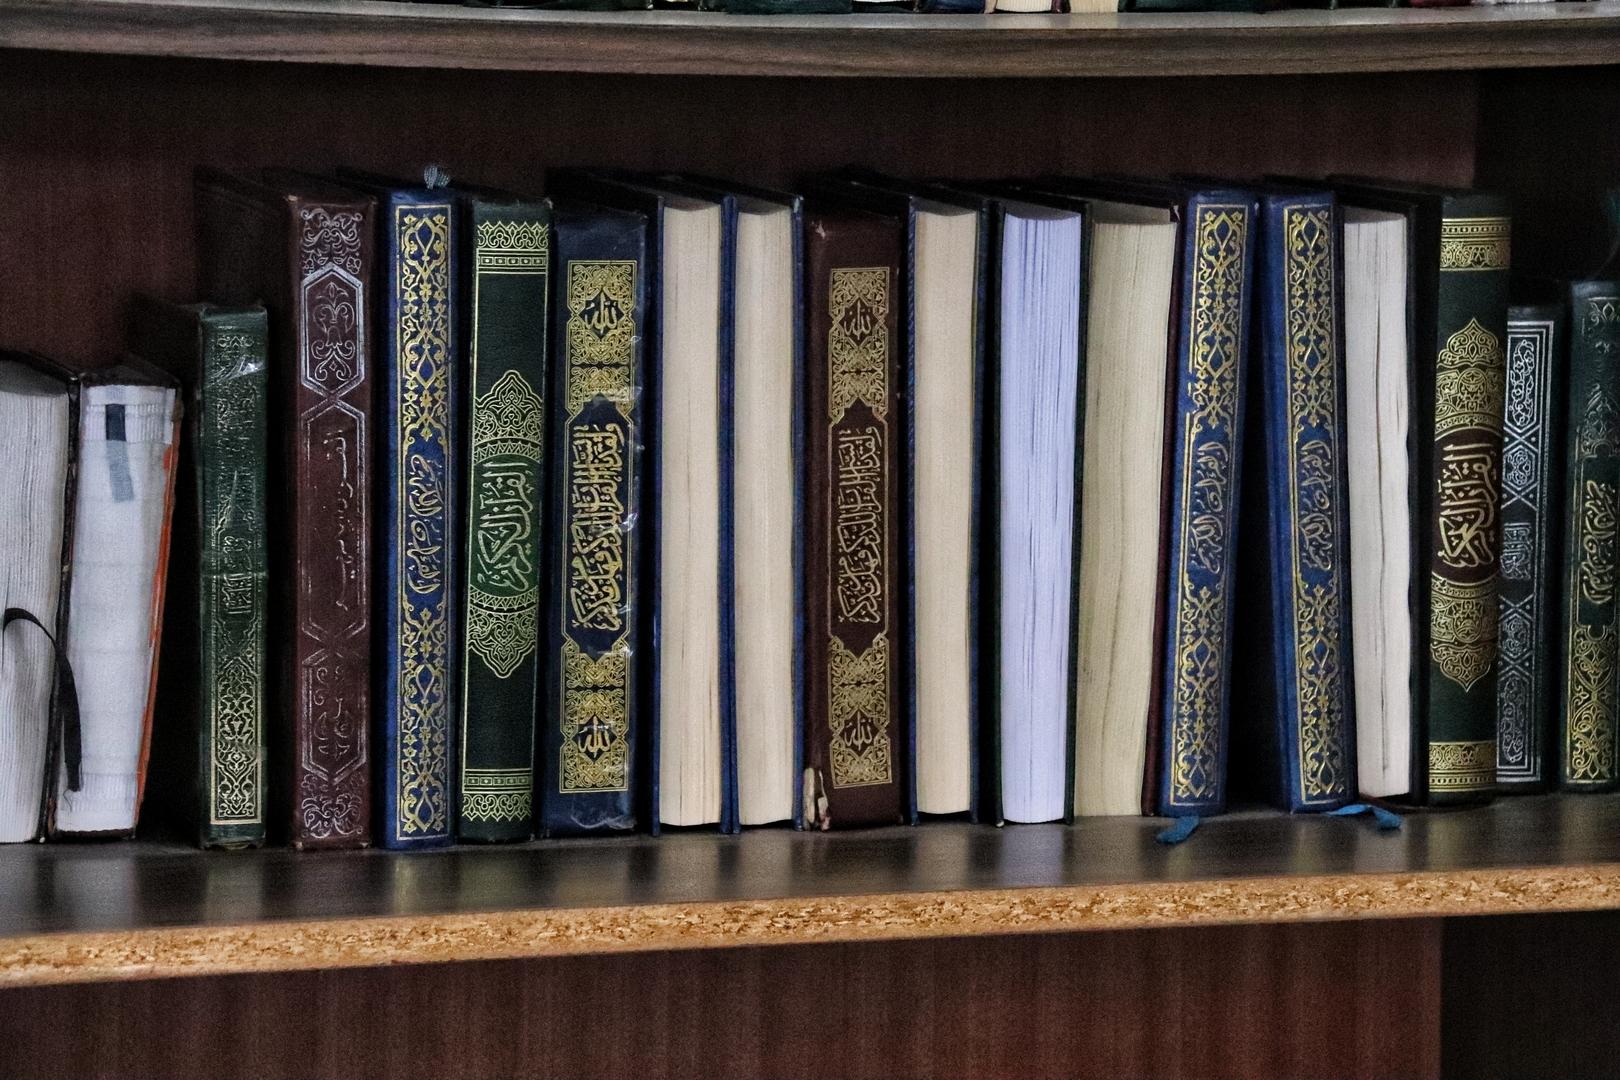 Jordanie - Livres saints dans la mosquée sur les hauteurs de Salt